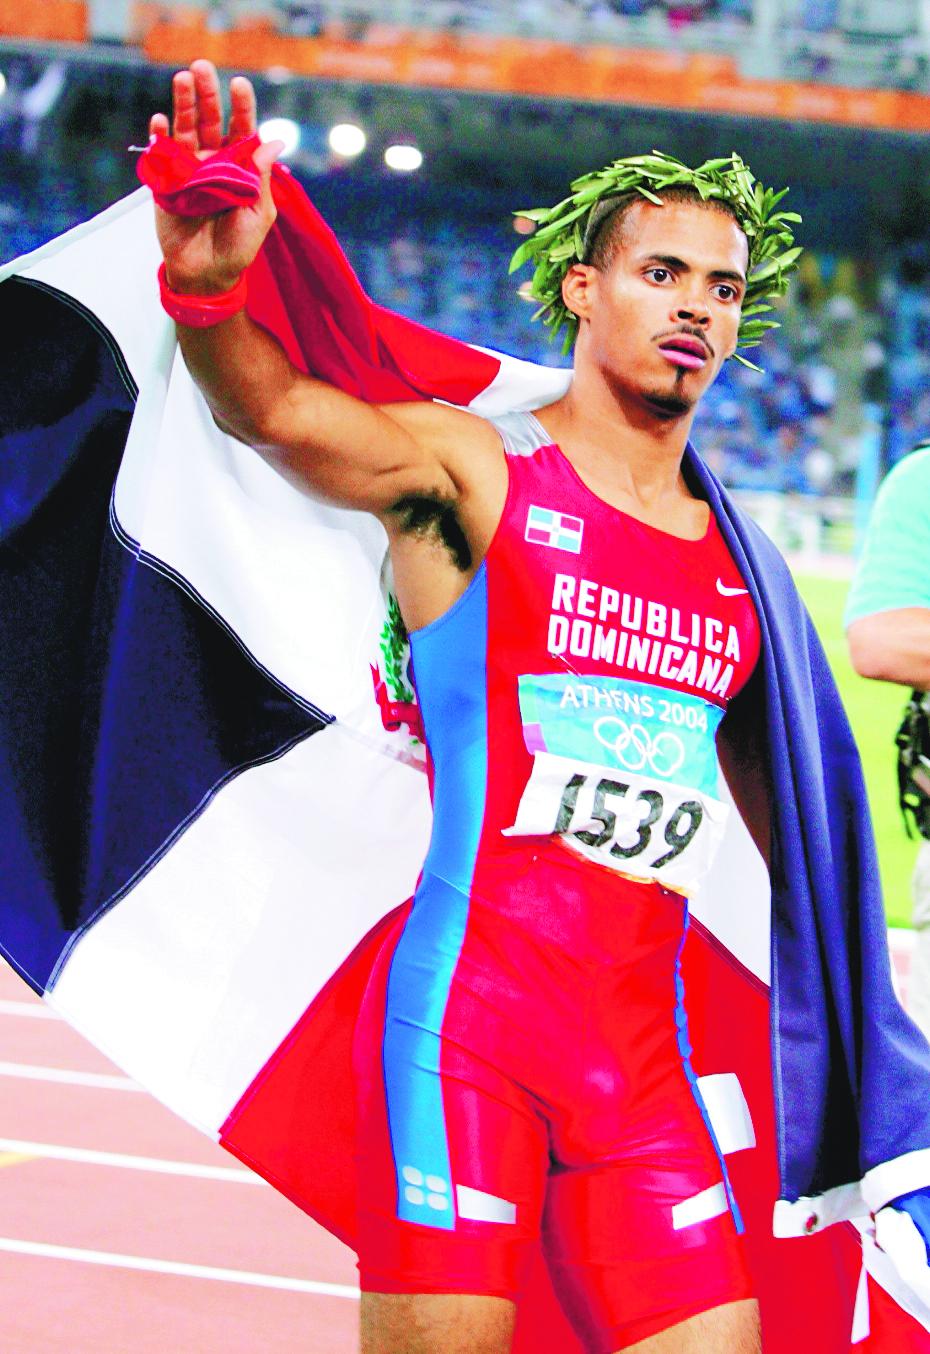 Félix Sánchez designado Atleta Más Popular en los Juegos Olímpicos - El Informante